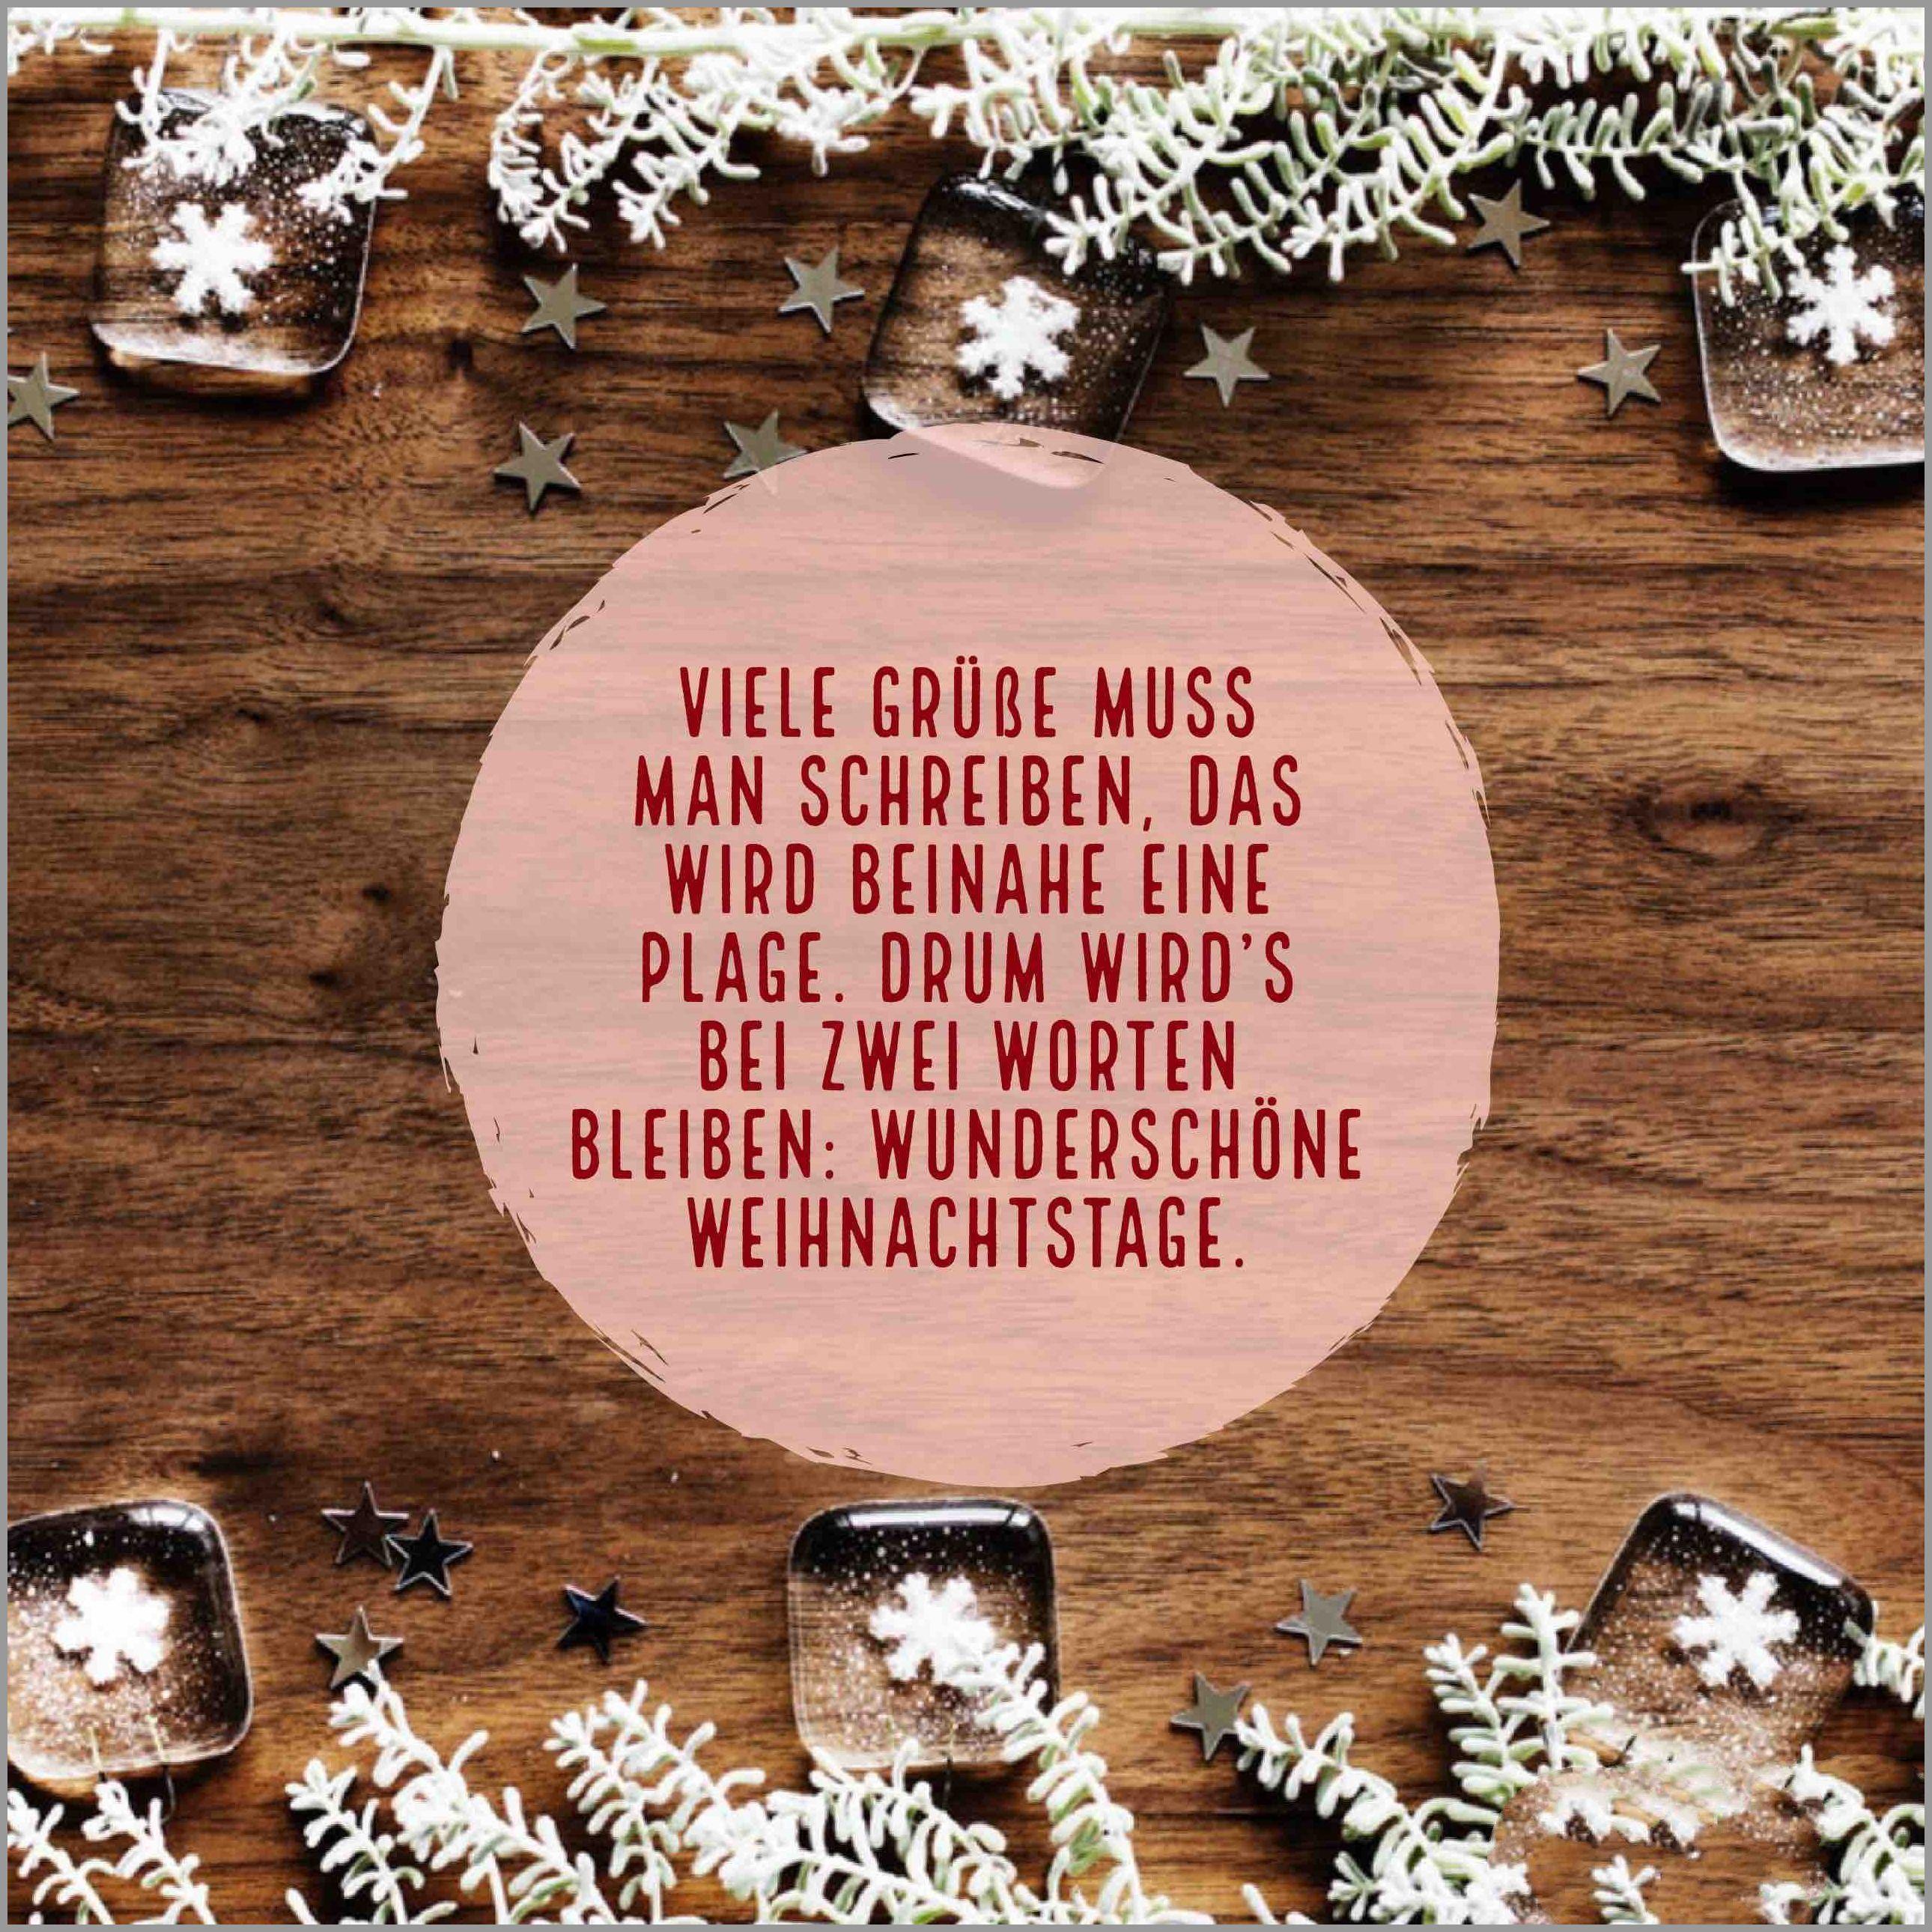 Viele gruesse muss man schreiben das wird beinah eine plage drum wird s bei zwei worten bleiben wunderschoene weihnachtstage - Viele gruesse muss man schreiben das wird beinah eine plage drum wird s bei zwei worten bleiben wunderschoene weihnachtstage